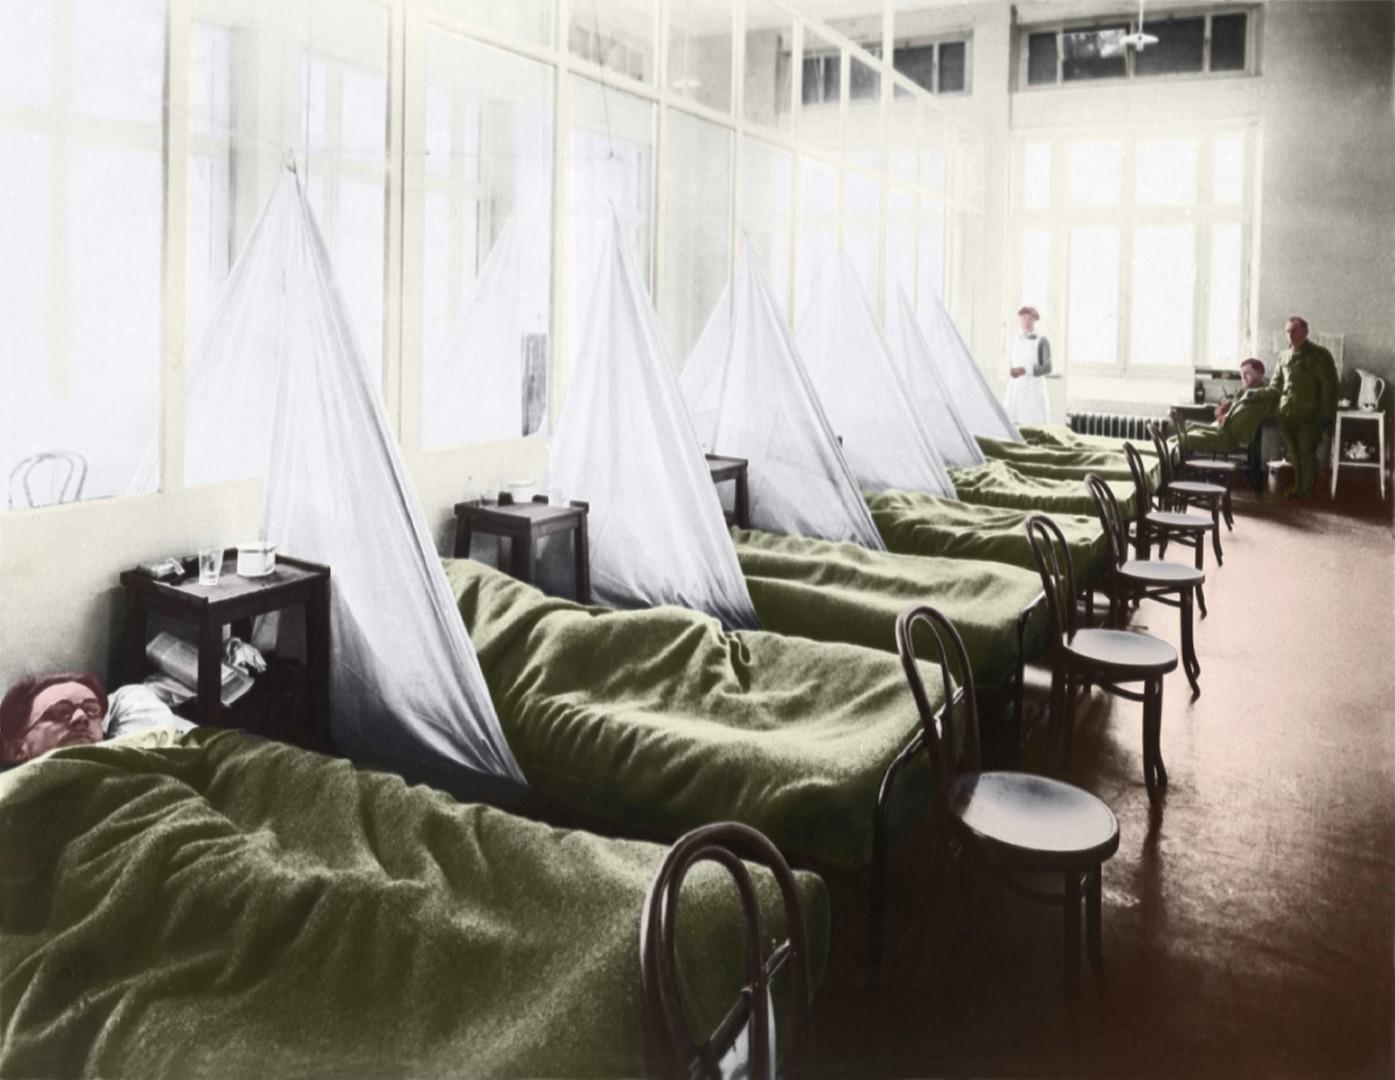 Un service de grippe dans un hôpital du camp de l'armée américaine en France pendant la pandémie de grippe espagnole de 1918.